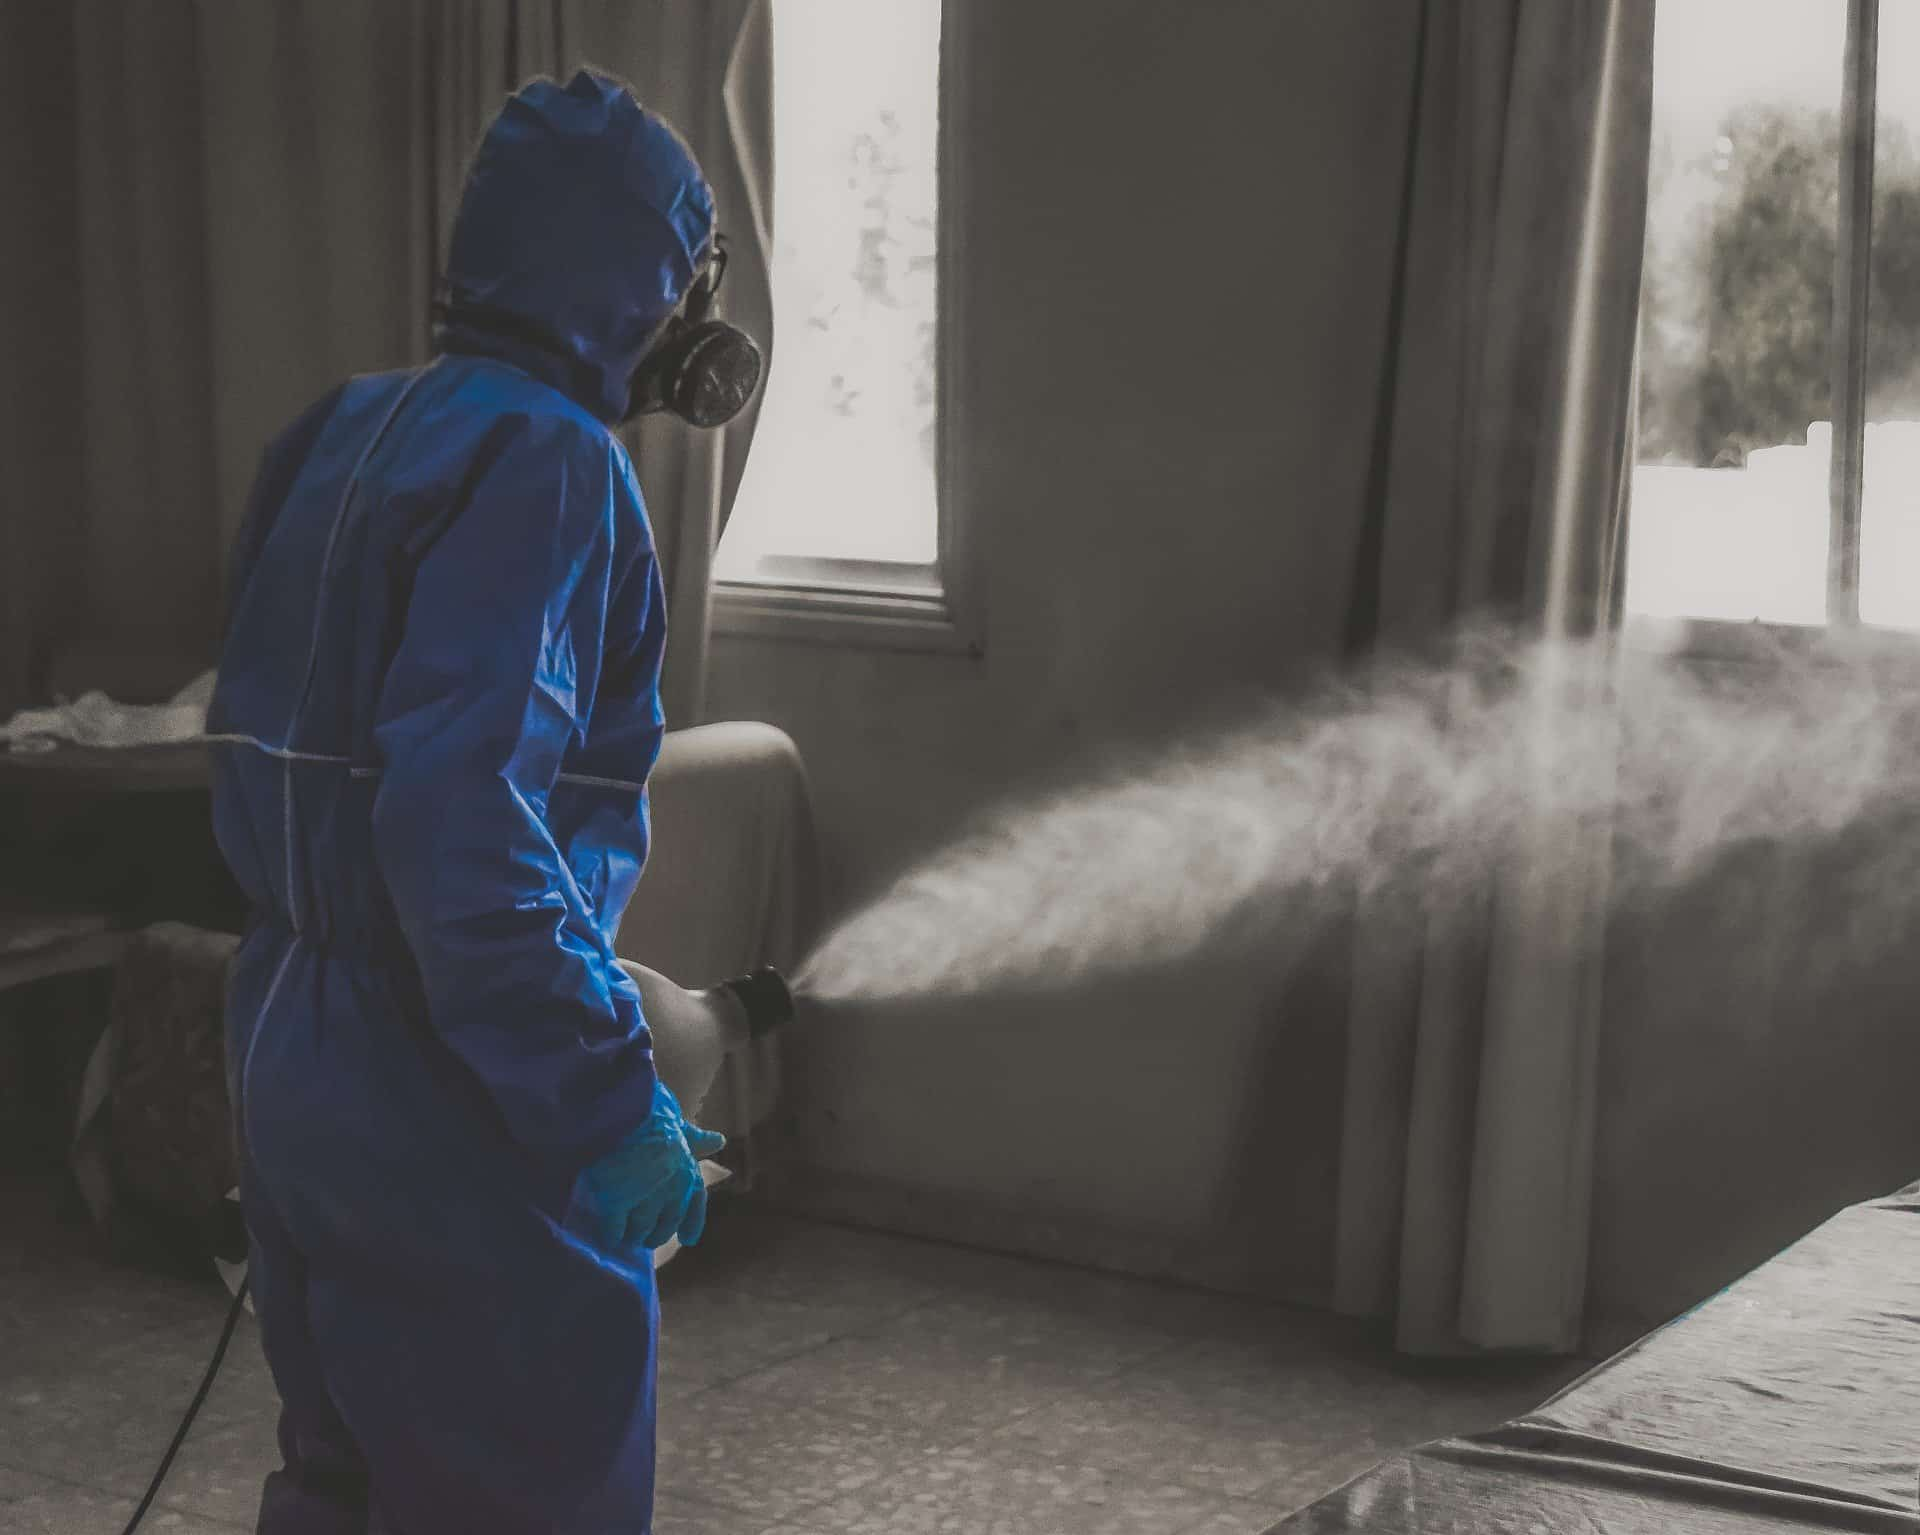 Entreprise de nettoyage : comment trouver des clients ?